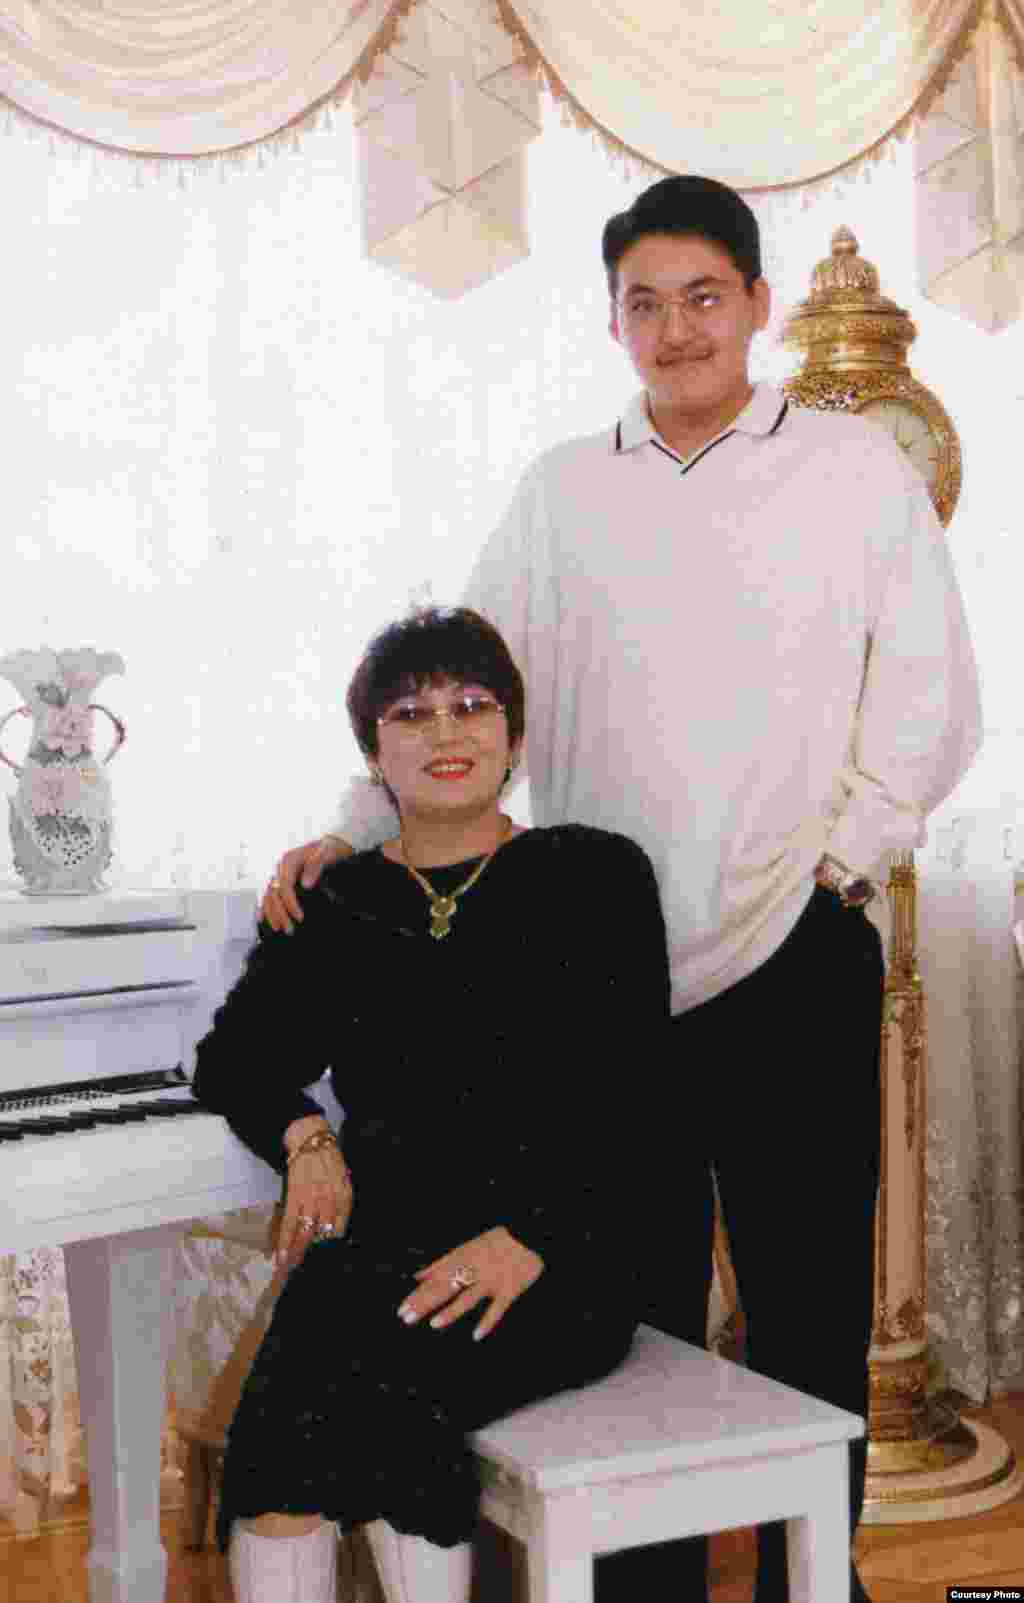 Анасы мен баласы. - Мәдина жалғыз ұлы Арсенмен бірге өз үйінде. Алматы, 1999 жыл.